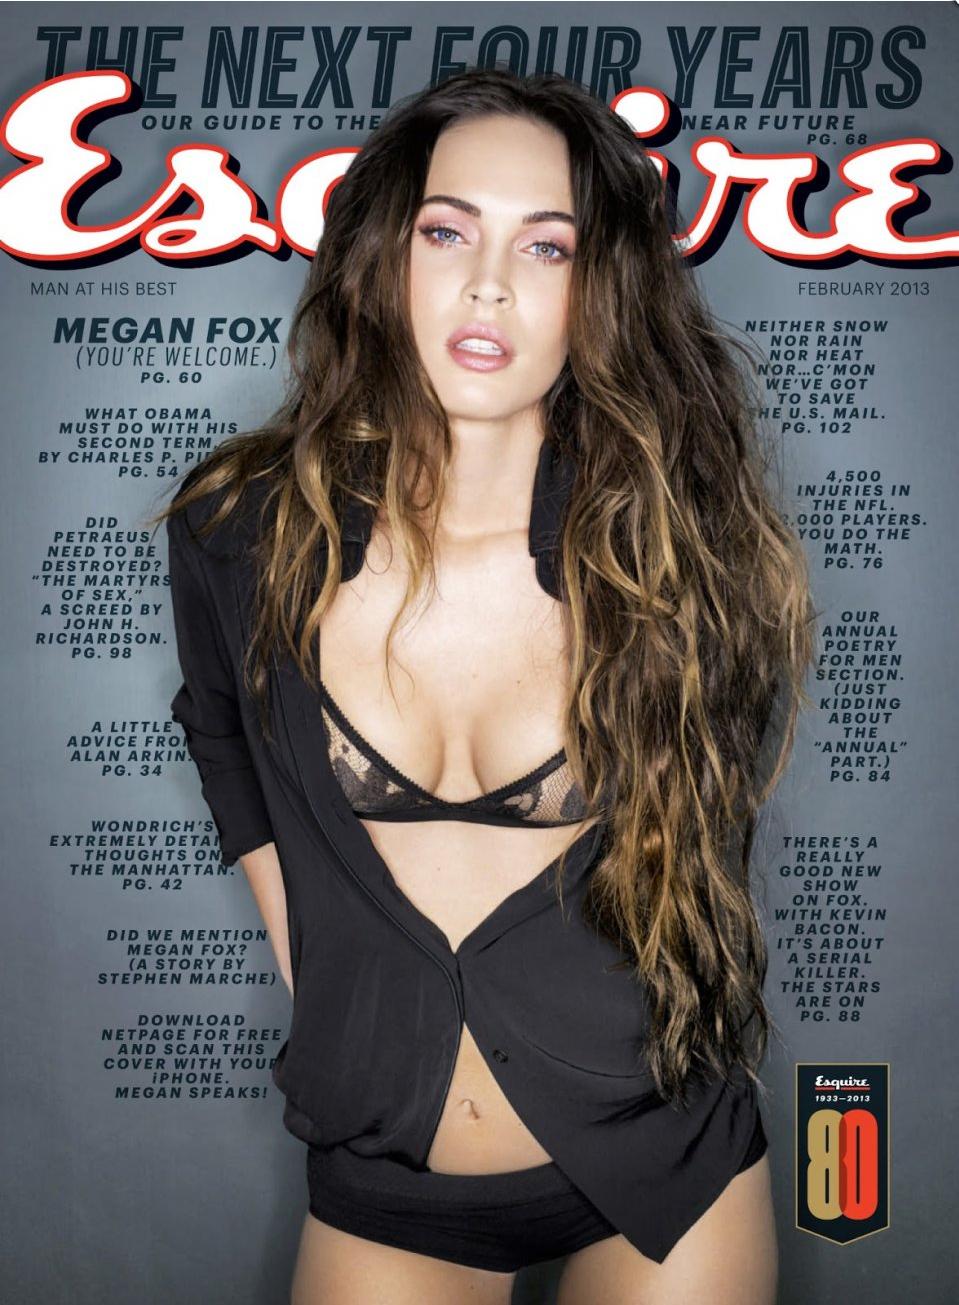 Megan Fox est-elle folle ? La très bizarre interview de la bombe de Transformers dans Esquire